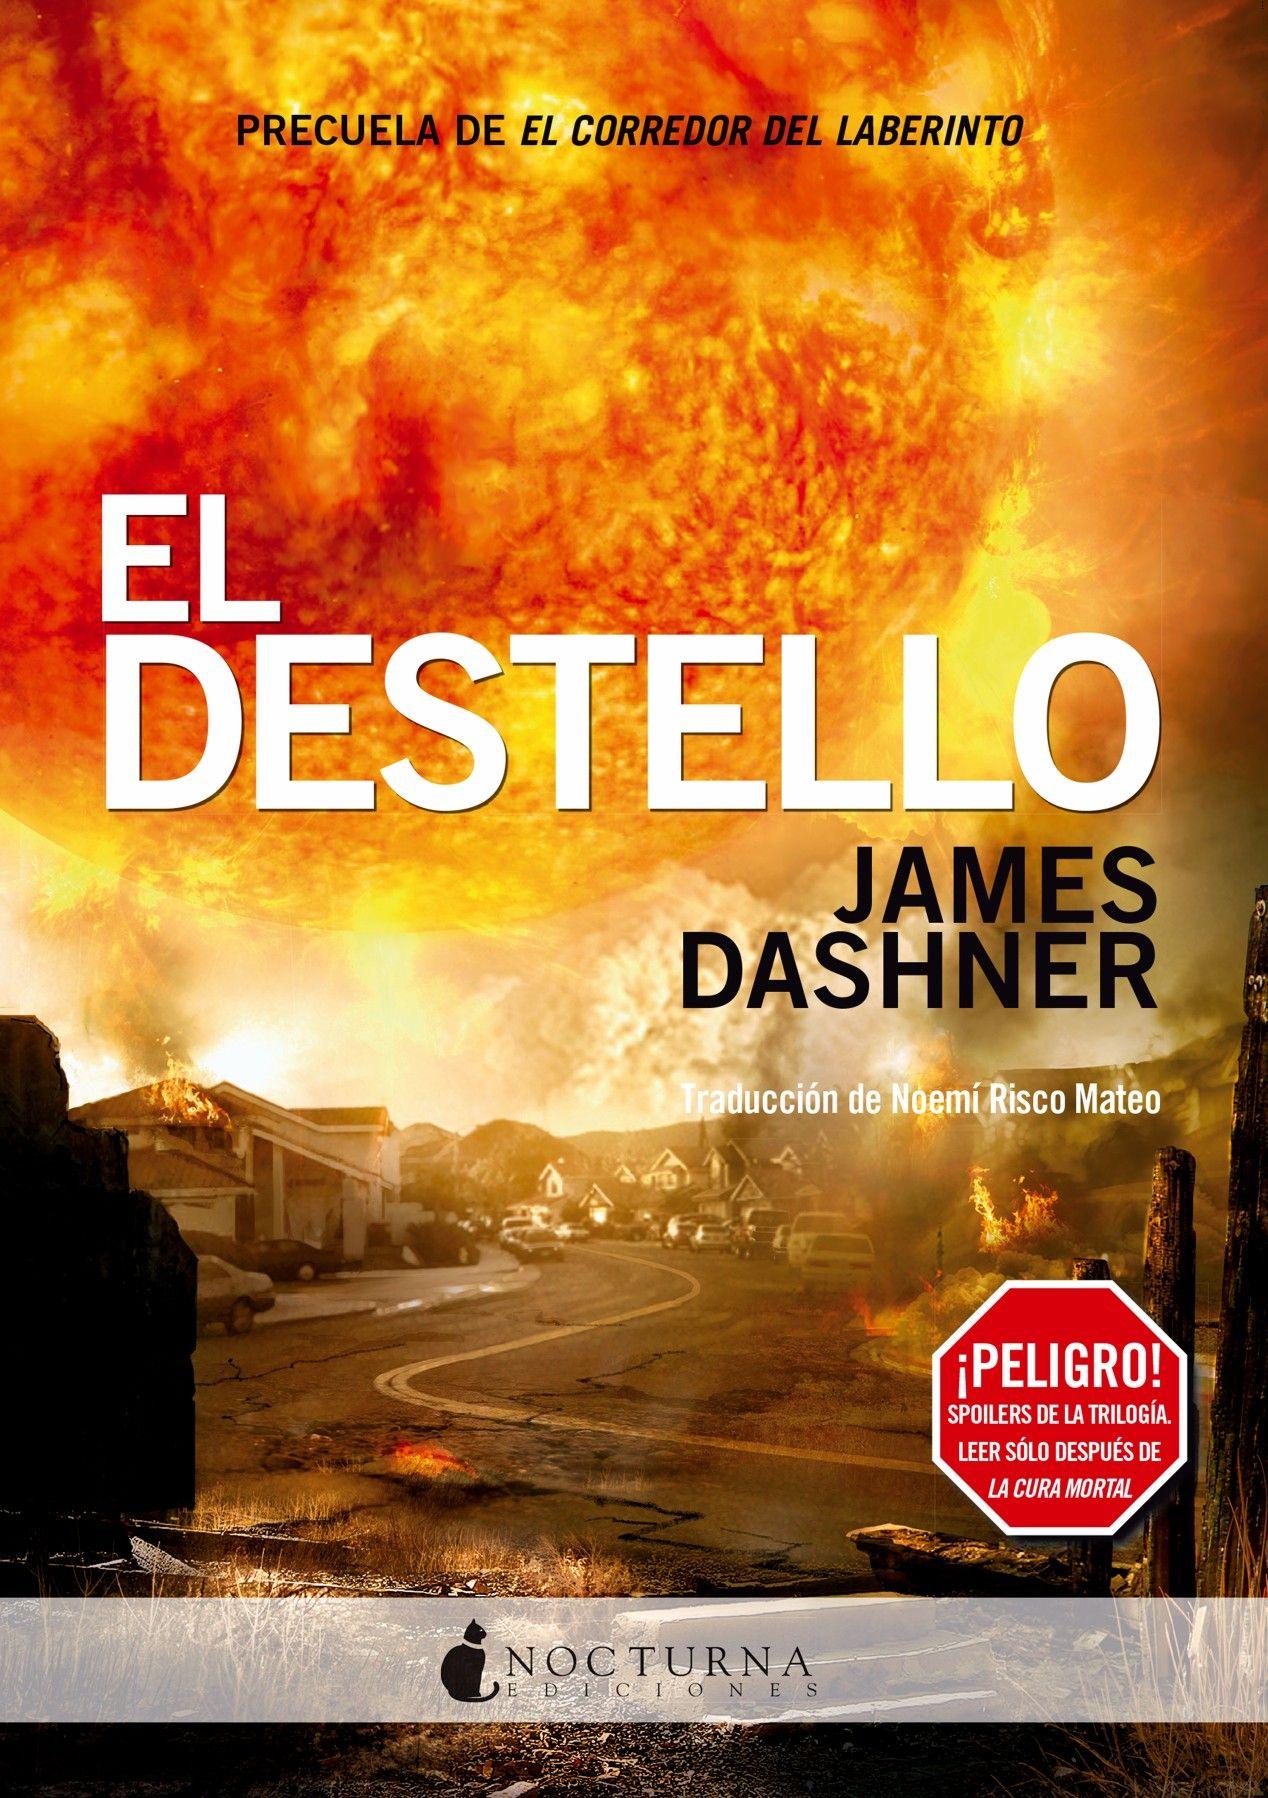 El Destello Pdf En 2021 James Dashner El Corredor Del Laberinto Libros De Maze Runner